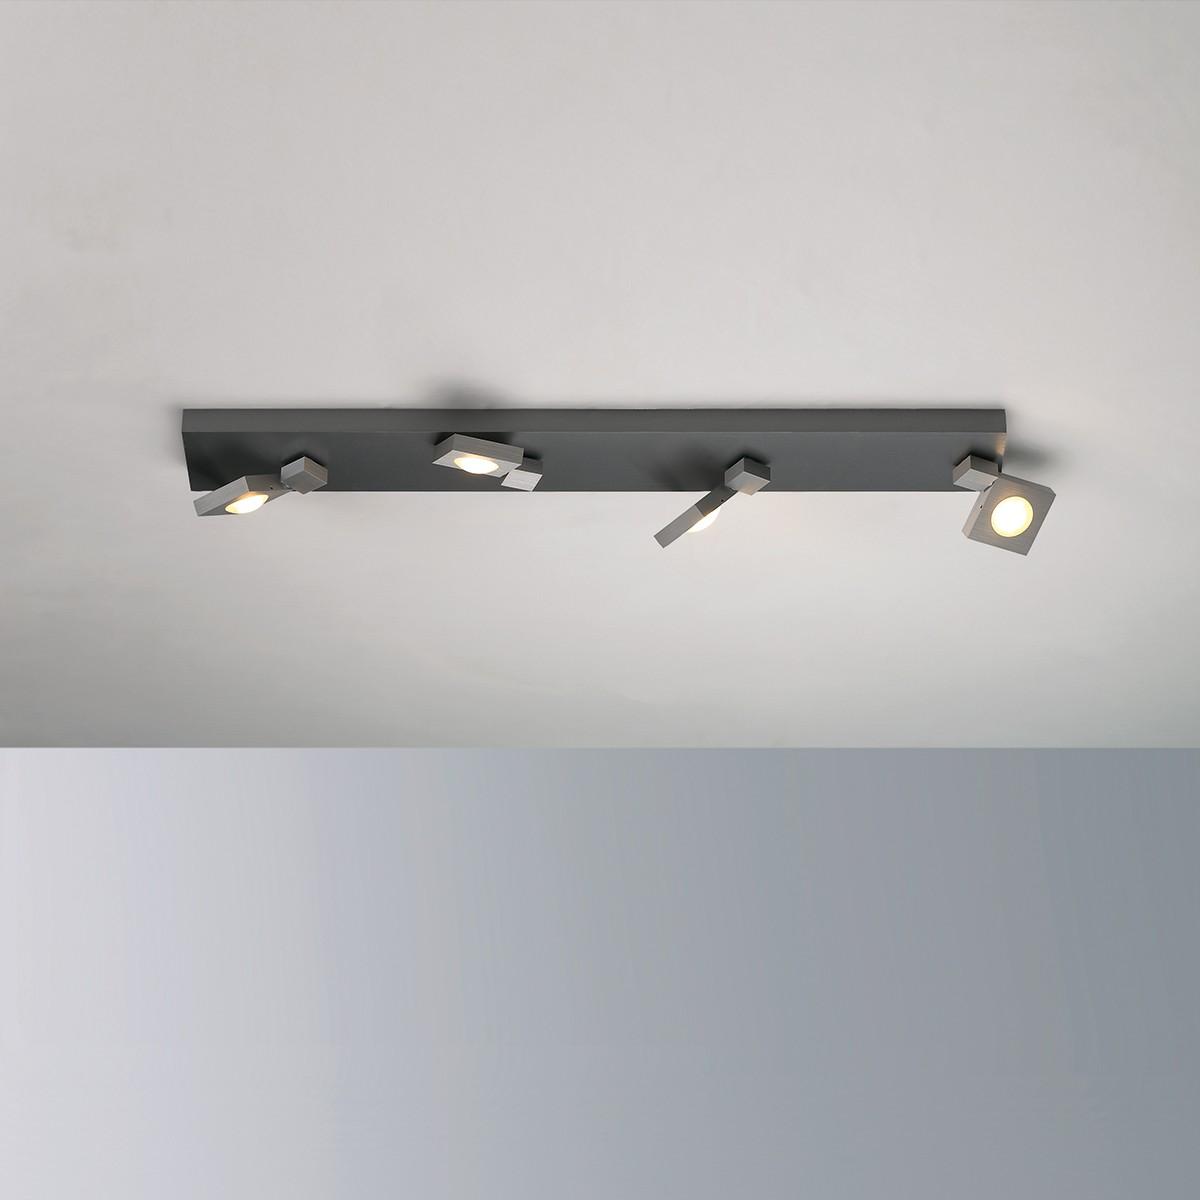 Bopp Flash Deckenleuchte 4-flg., Aluminium geschliffen - anthrazit lackiert